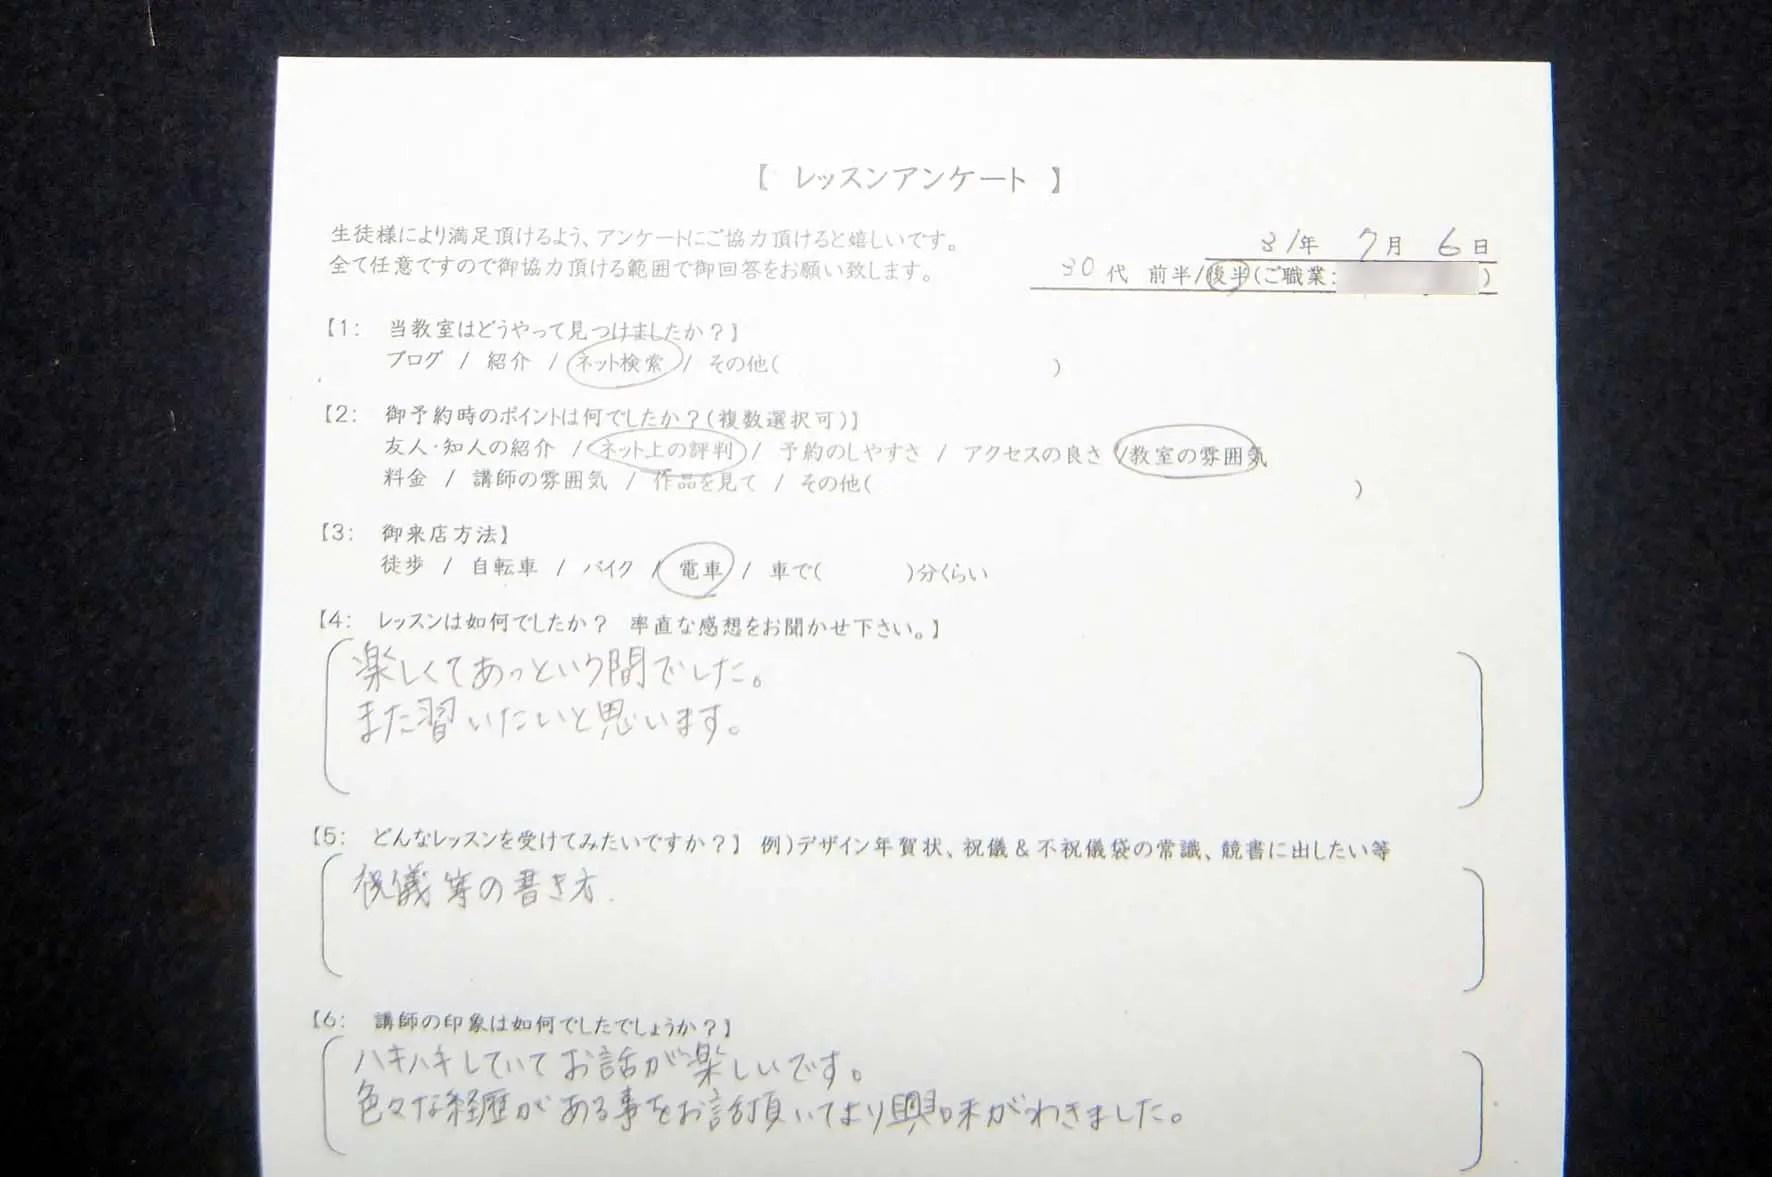 楽しくてあっという間でした。また習いたいと思います【中筆体験レッスンご感想】鎌倉市長谷の書道教室